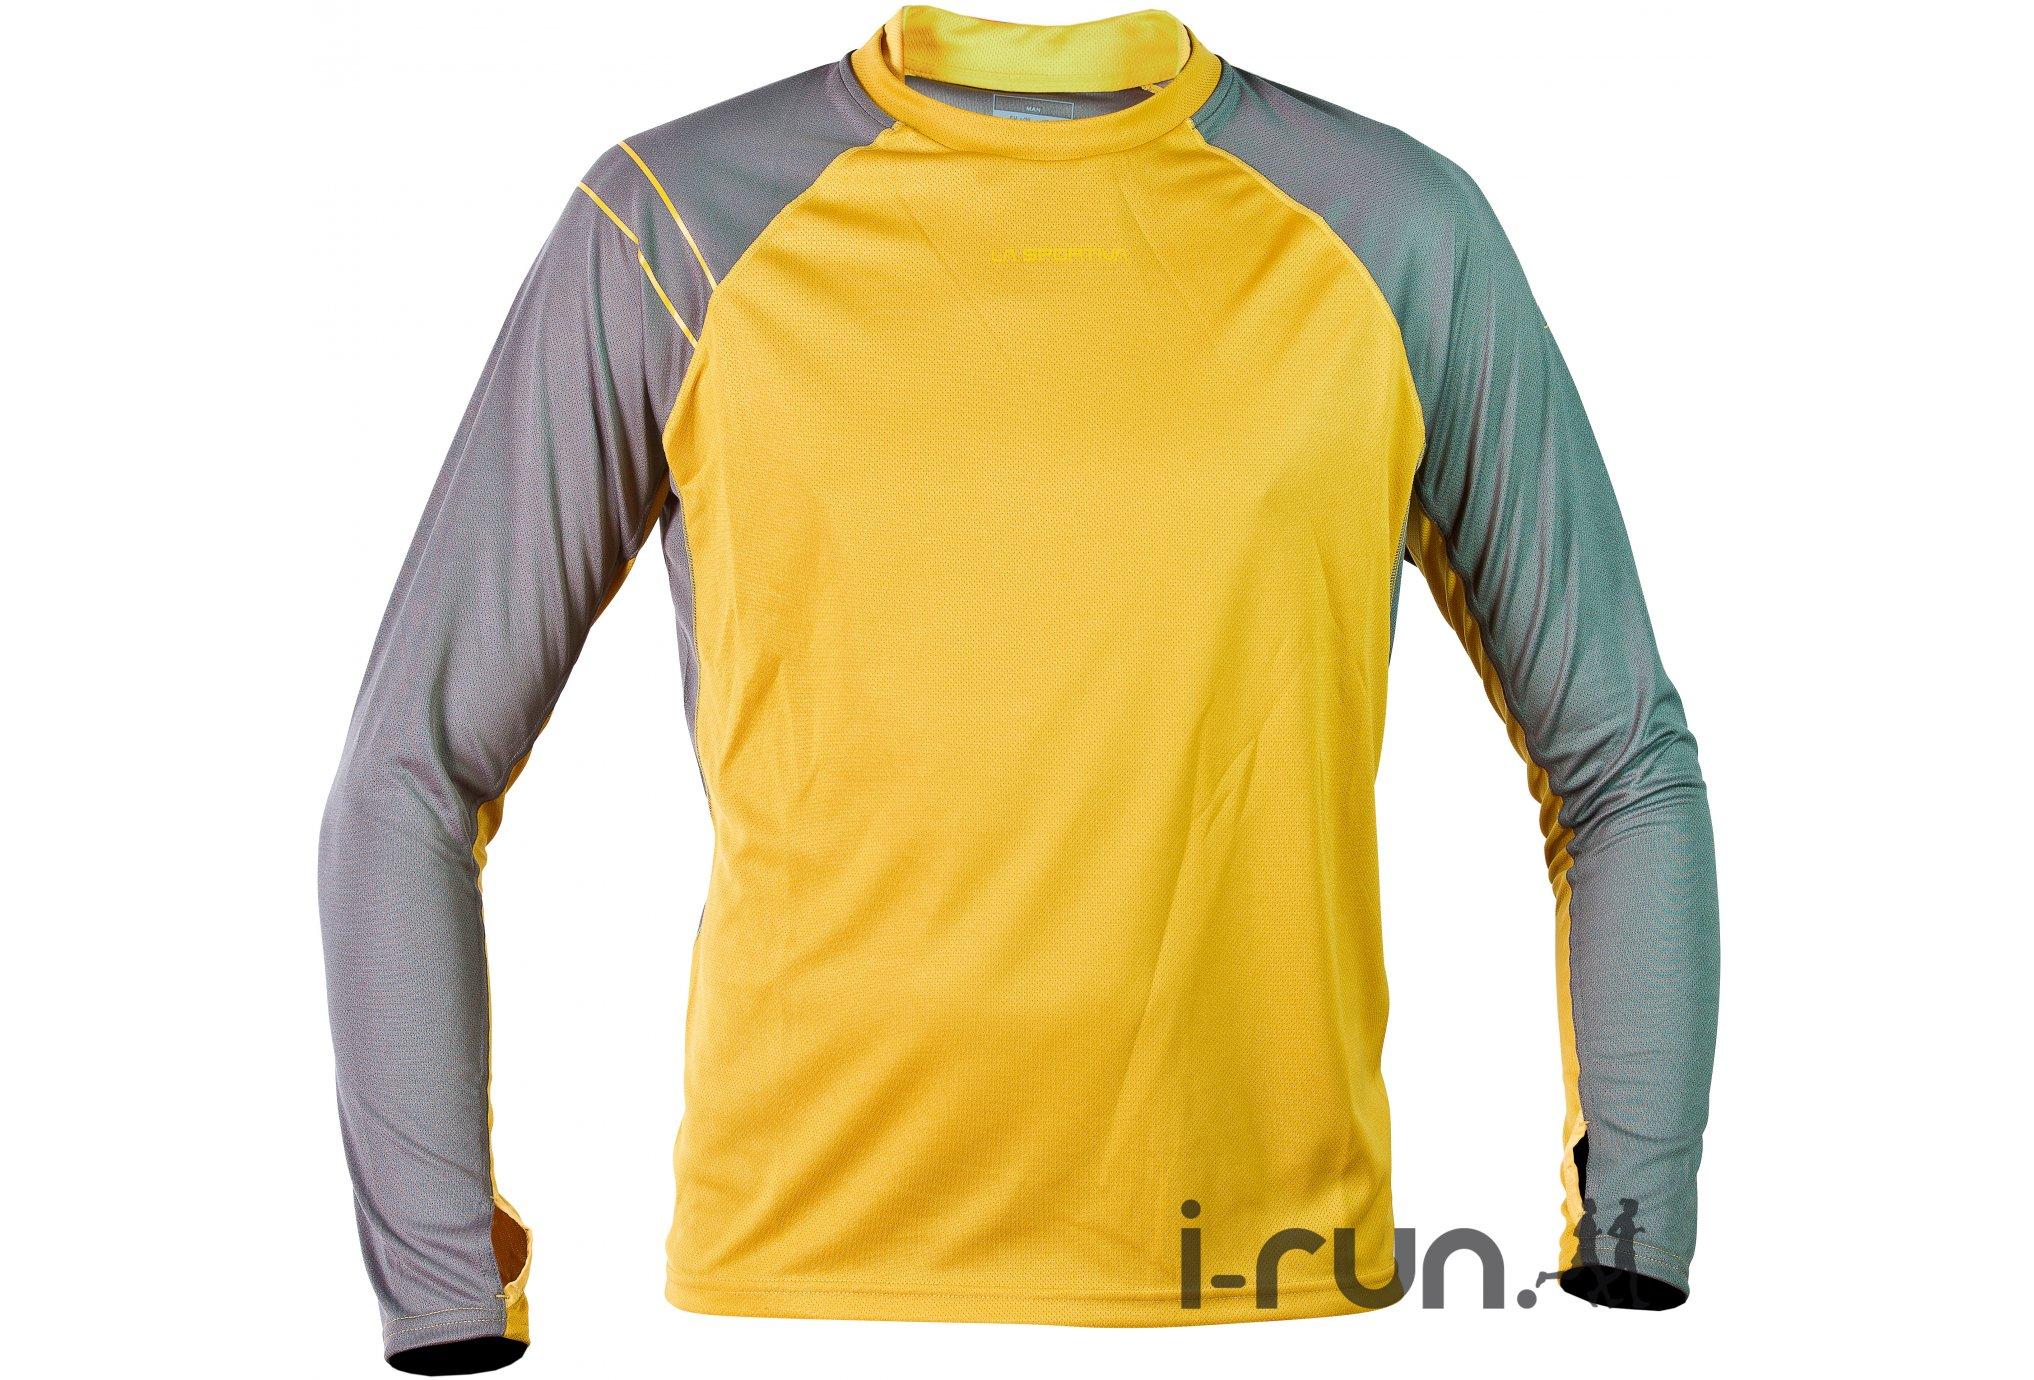 La Sportiva Tee-shirt Epic M Diététique Vêtements homme